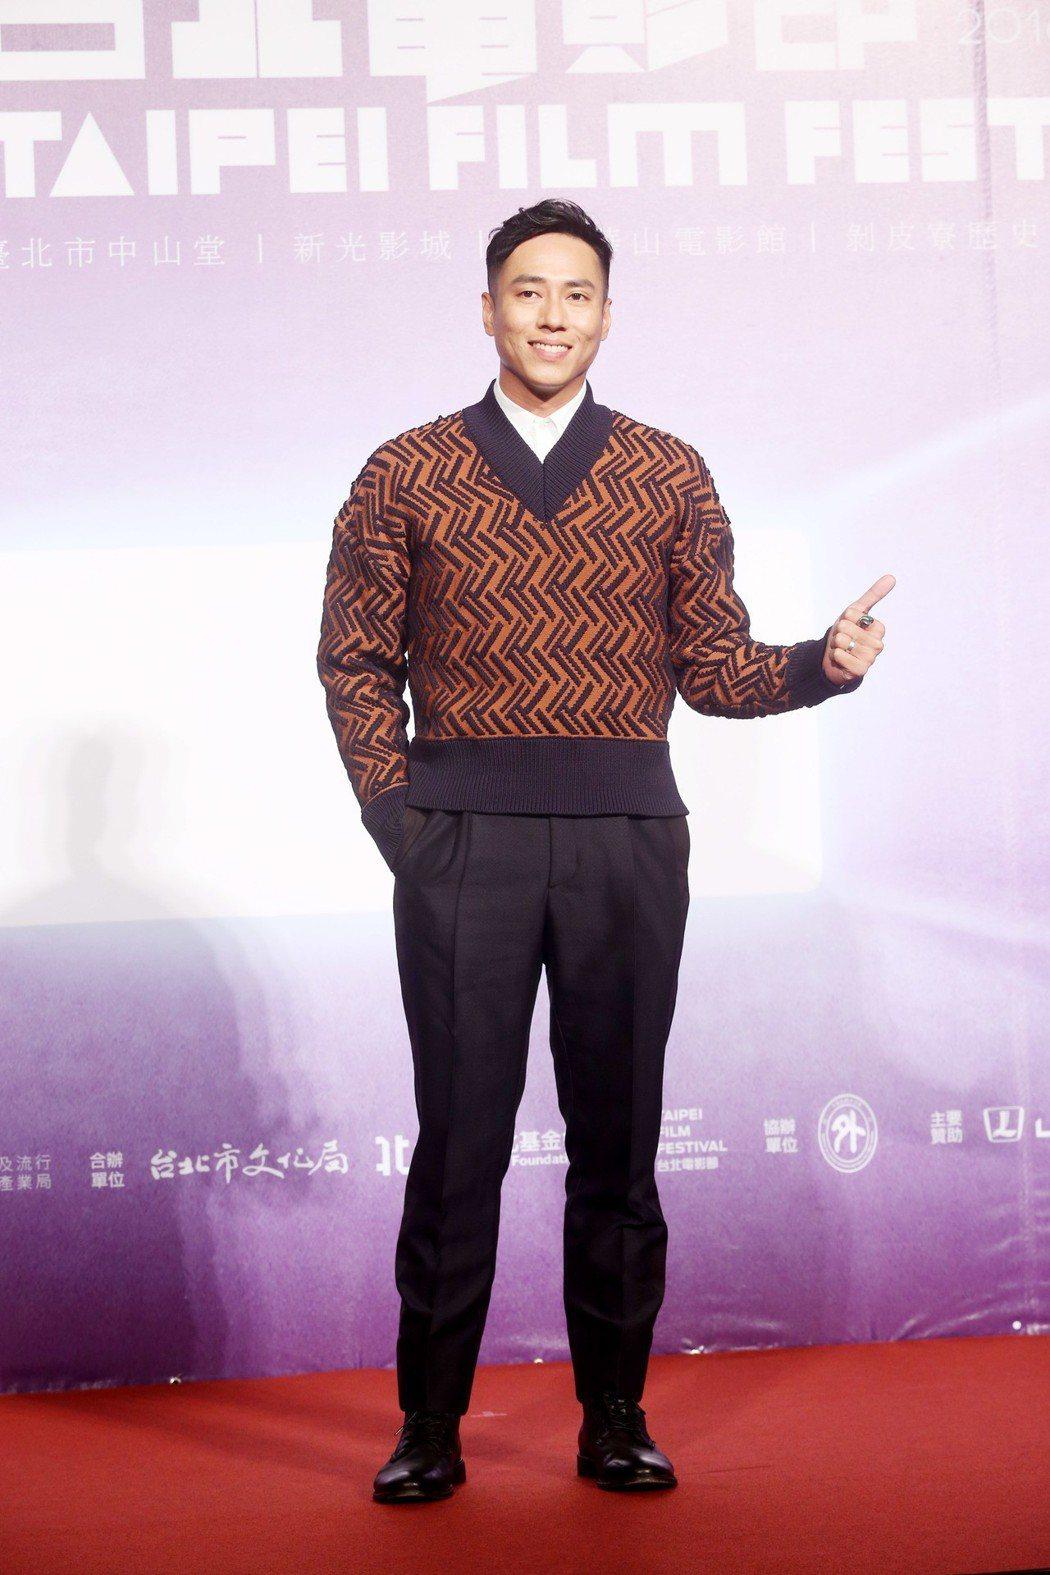 台北電影節開幕片《范保德》舉行亞洲首映記者會,演員莊凱勛出席。記者邱德祥/攝影